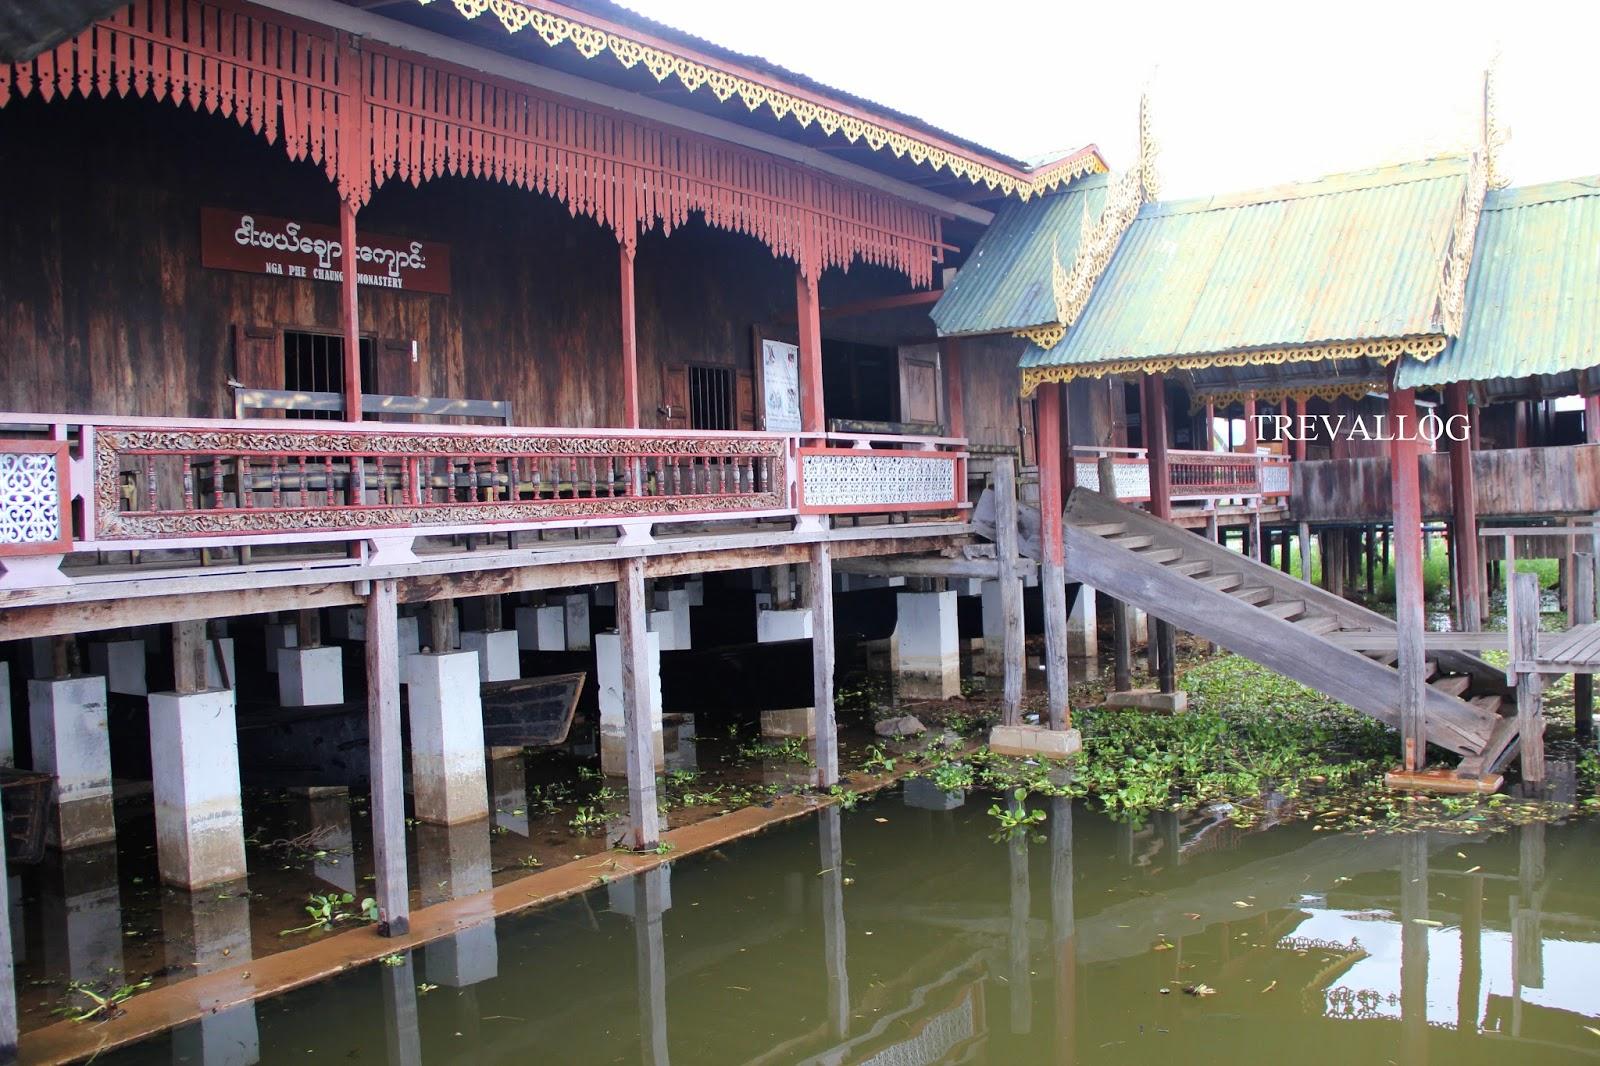 Monastery in Inle Lake, Myanmar